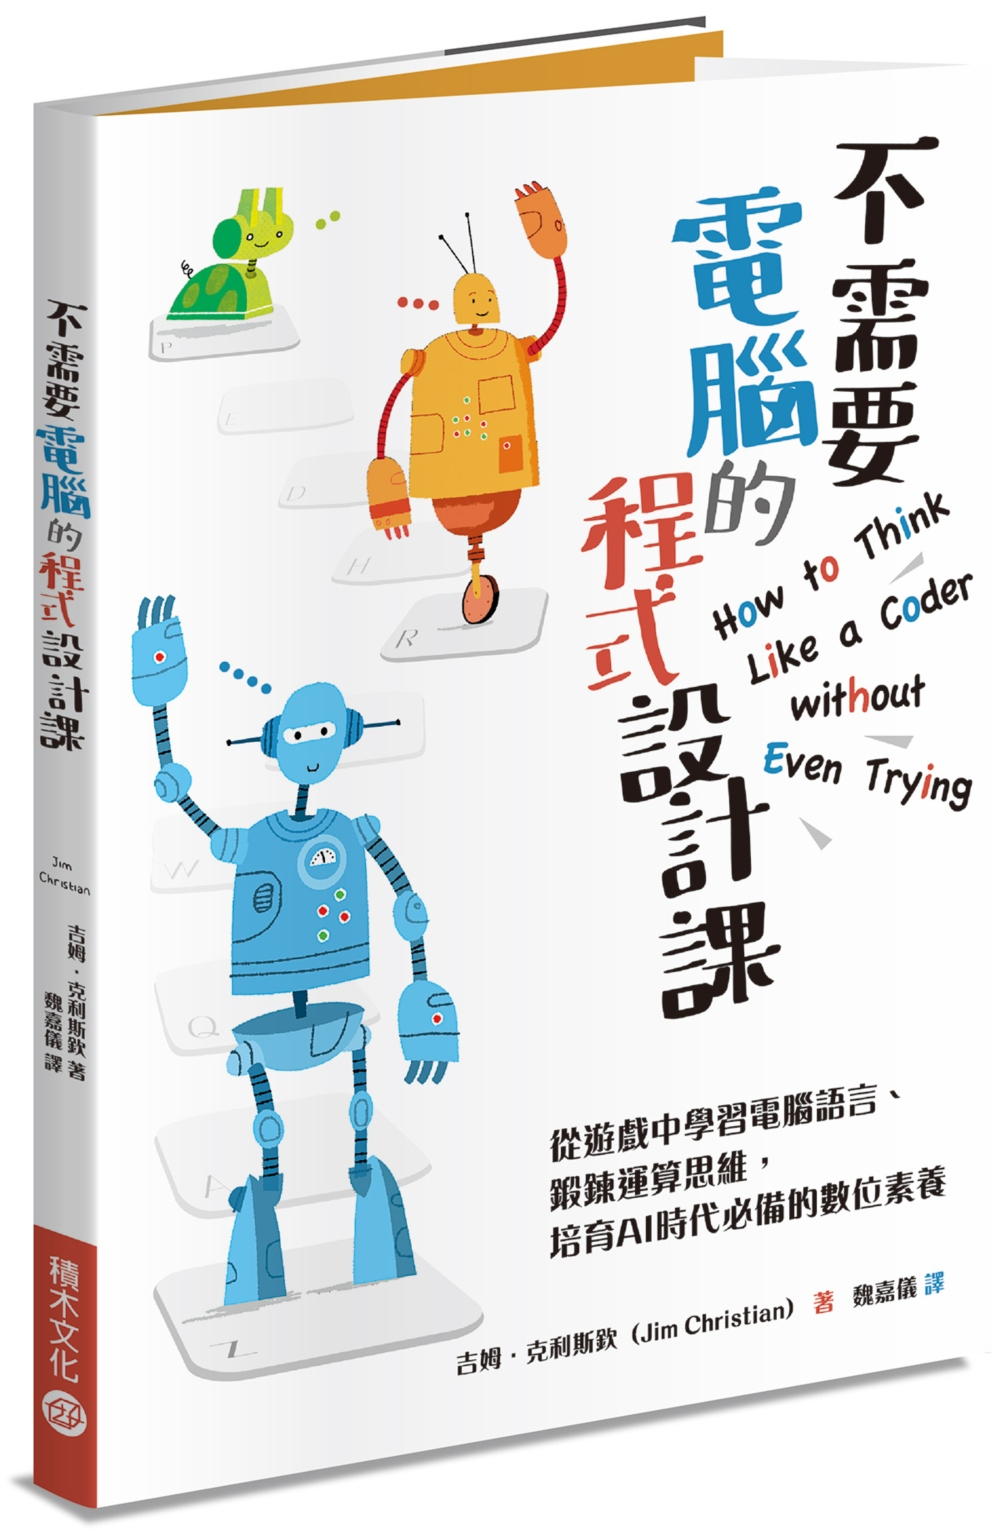 不需要電腦的程式設計課:從遊戲中學習電腦語言、鍛鍊運算思維,培育AI時代必備的數位素養